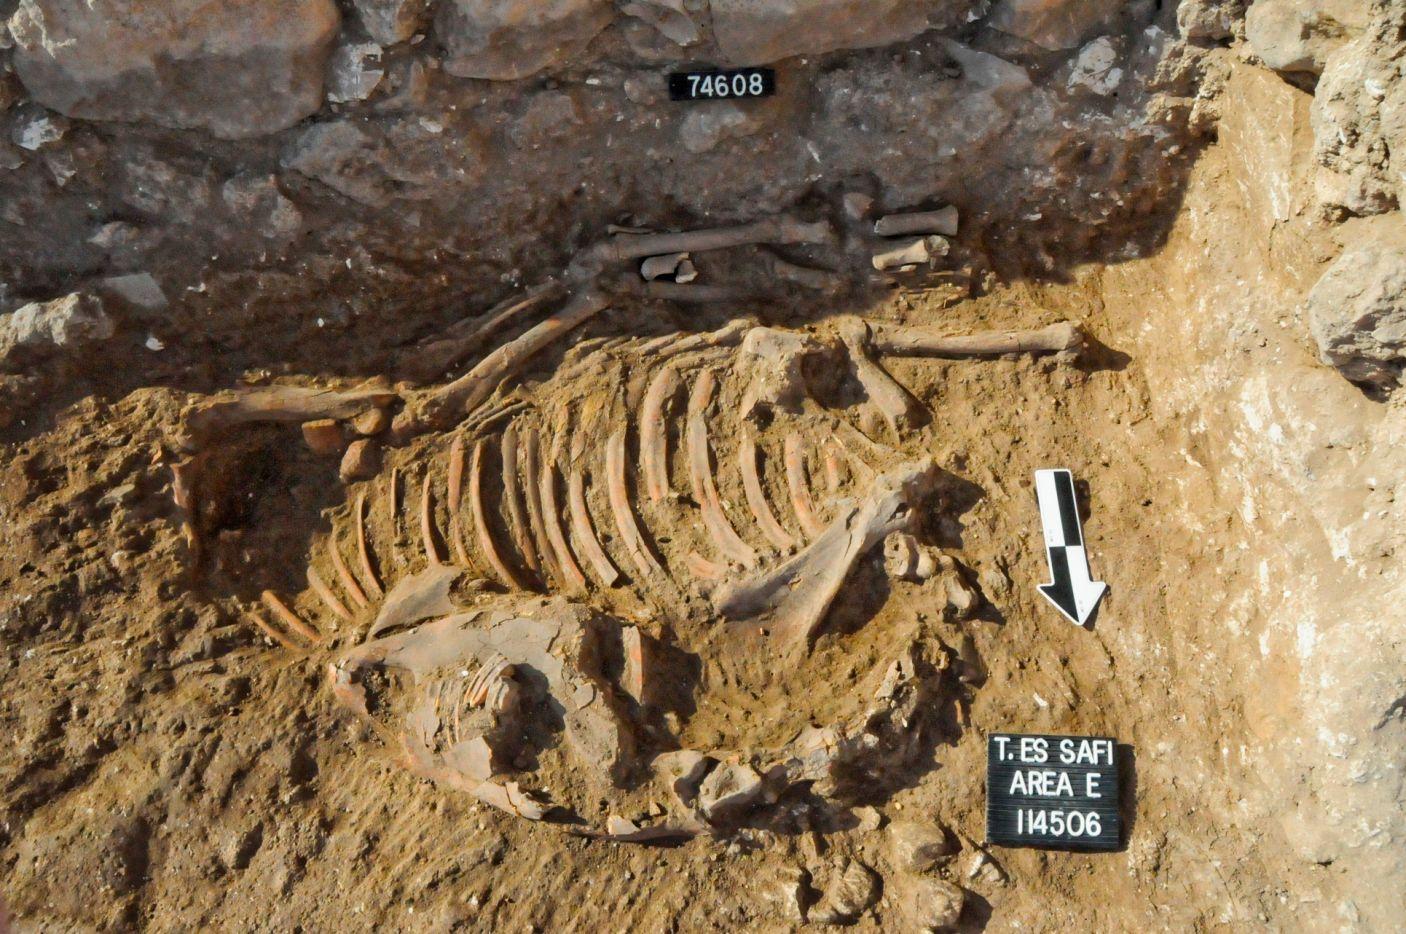 Un ane sacrifie dans le rituel cananeen trouve in situ a tell es safi gath l analyse de ses dents a montre qu il est ne et a ete eleve dans l egypte ancienne